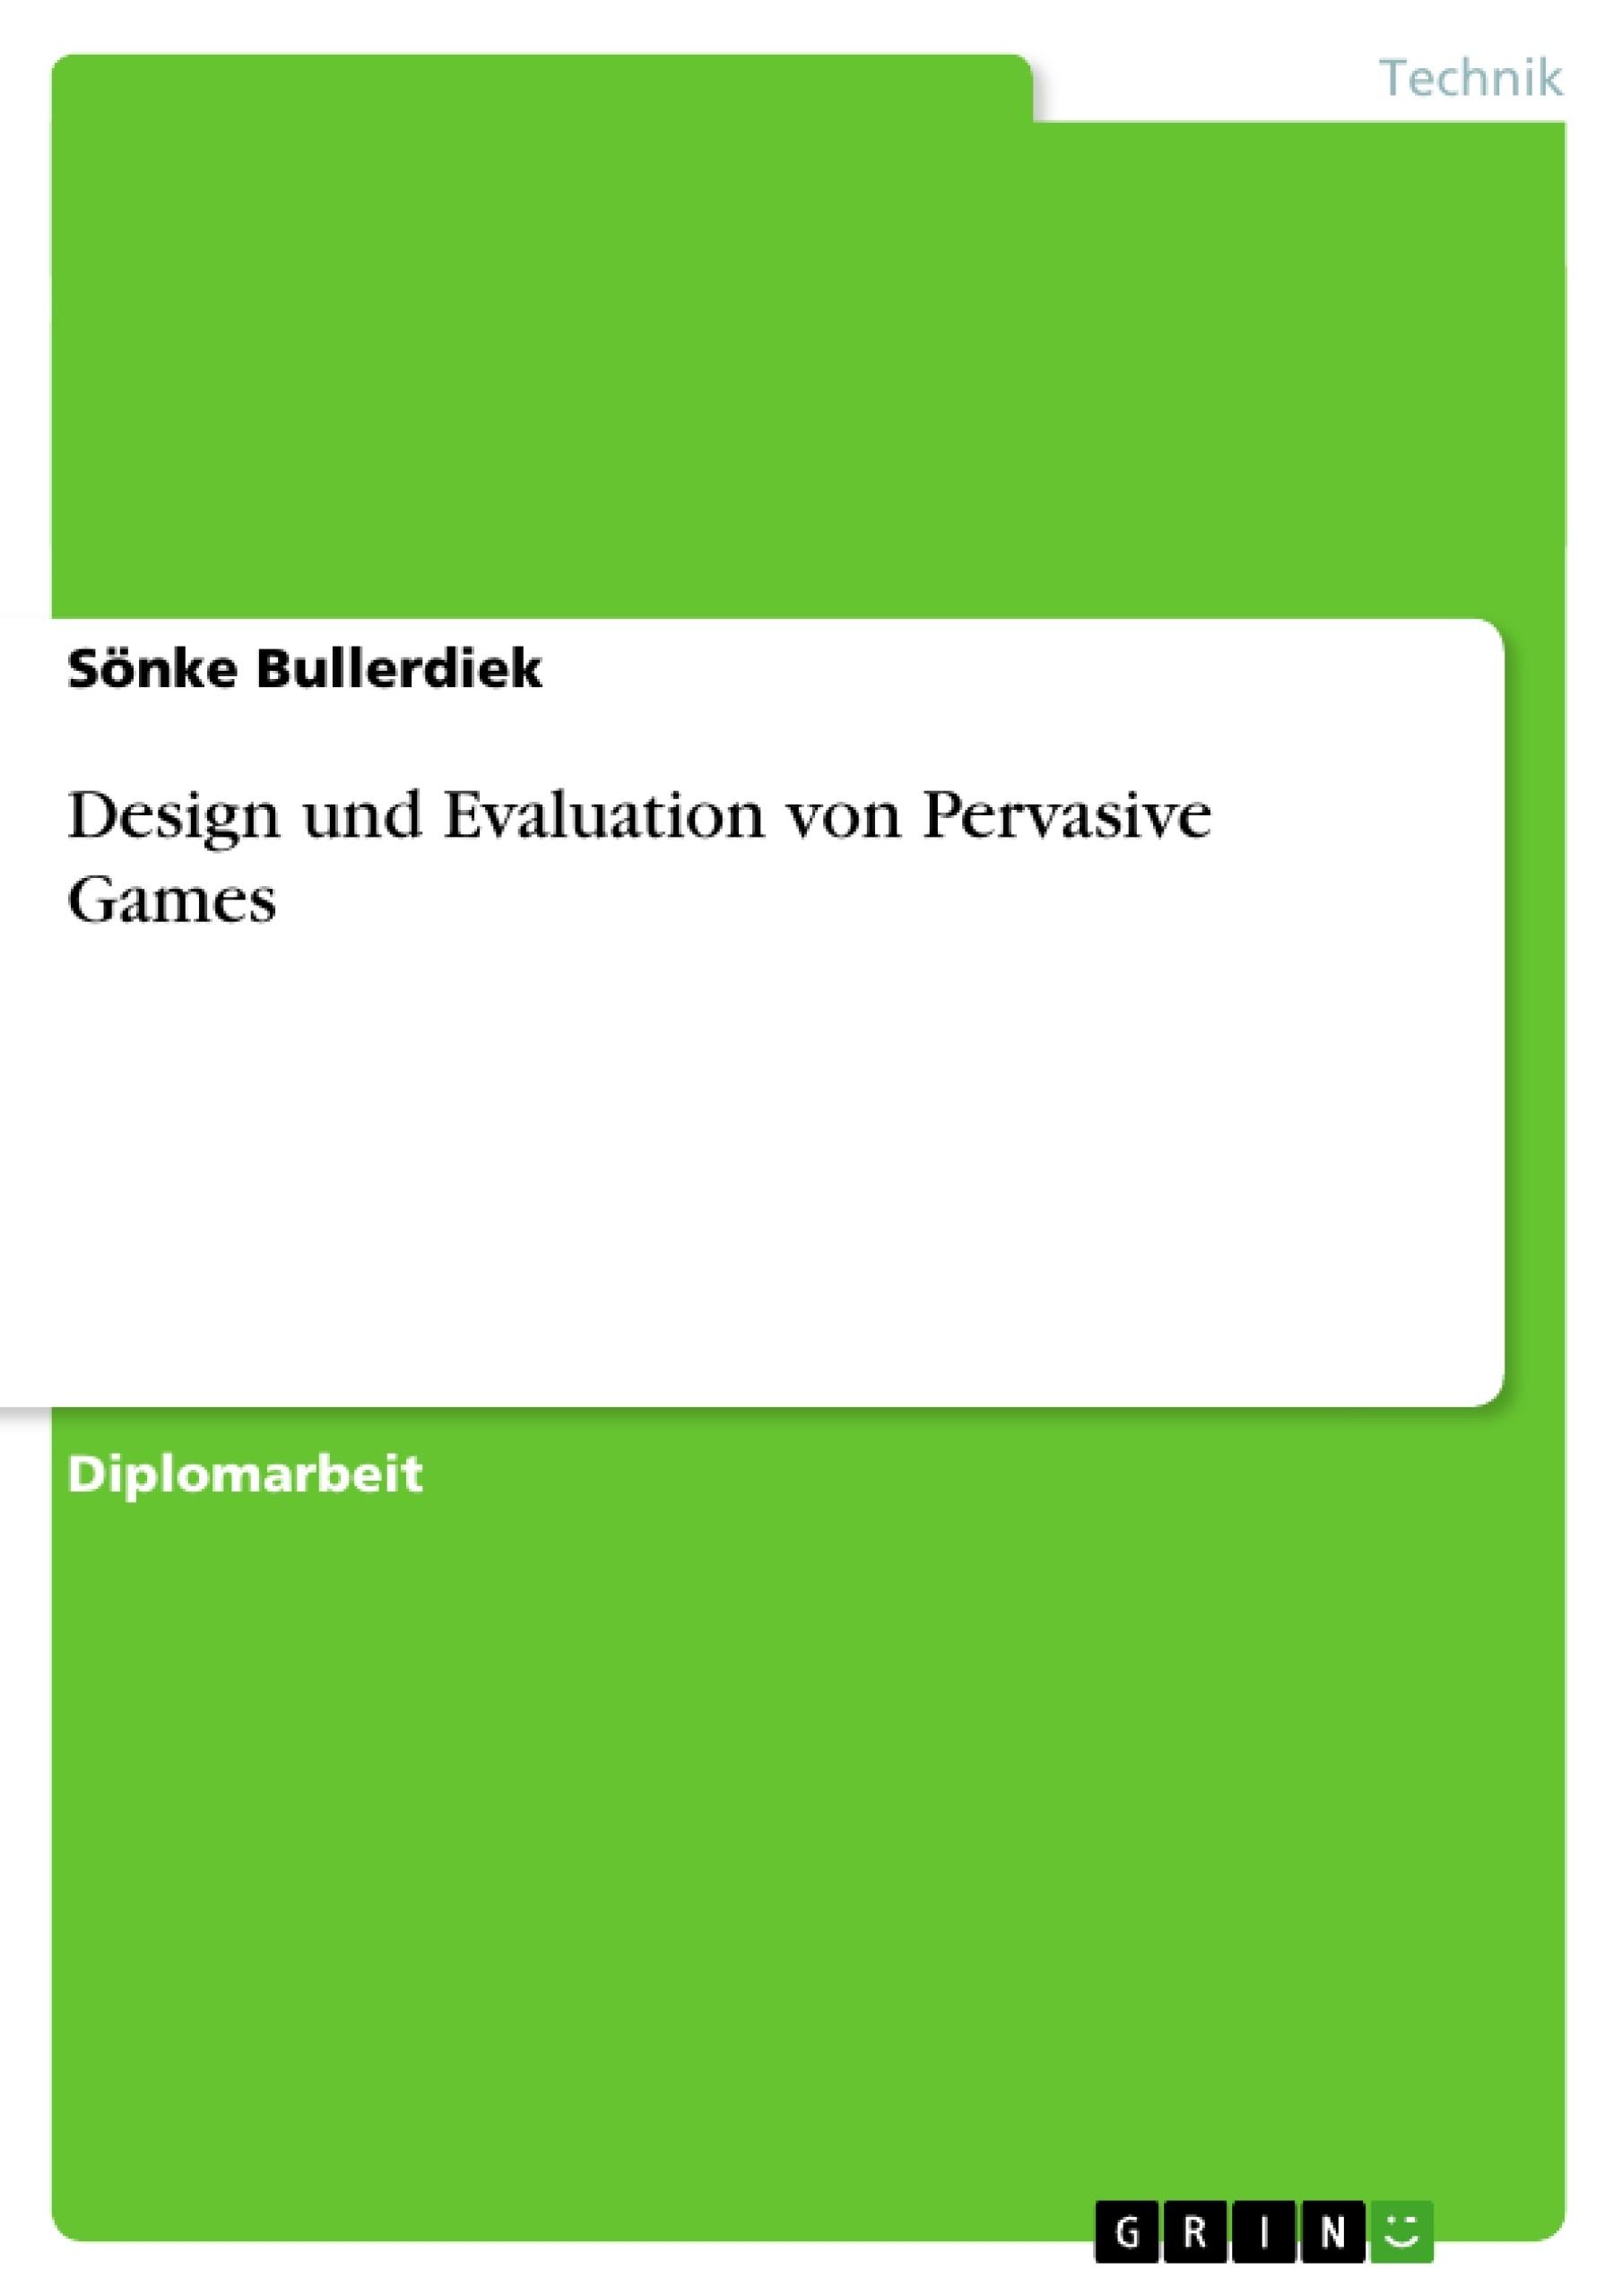 Titel: Design und Evaluation von Pervasive Games